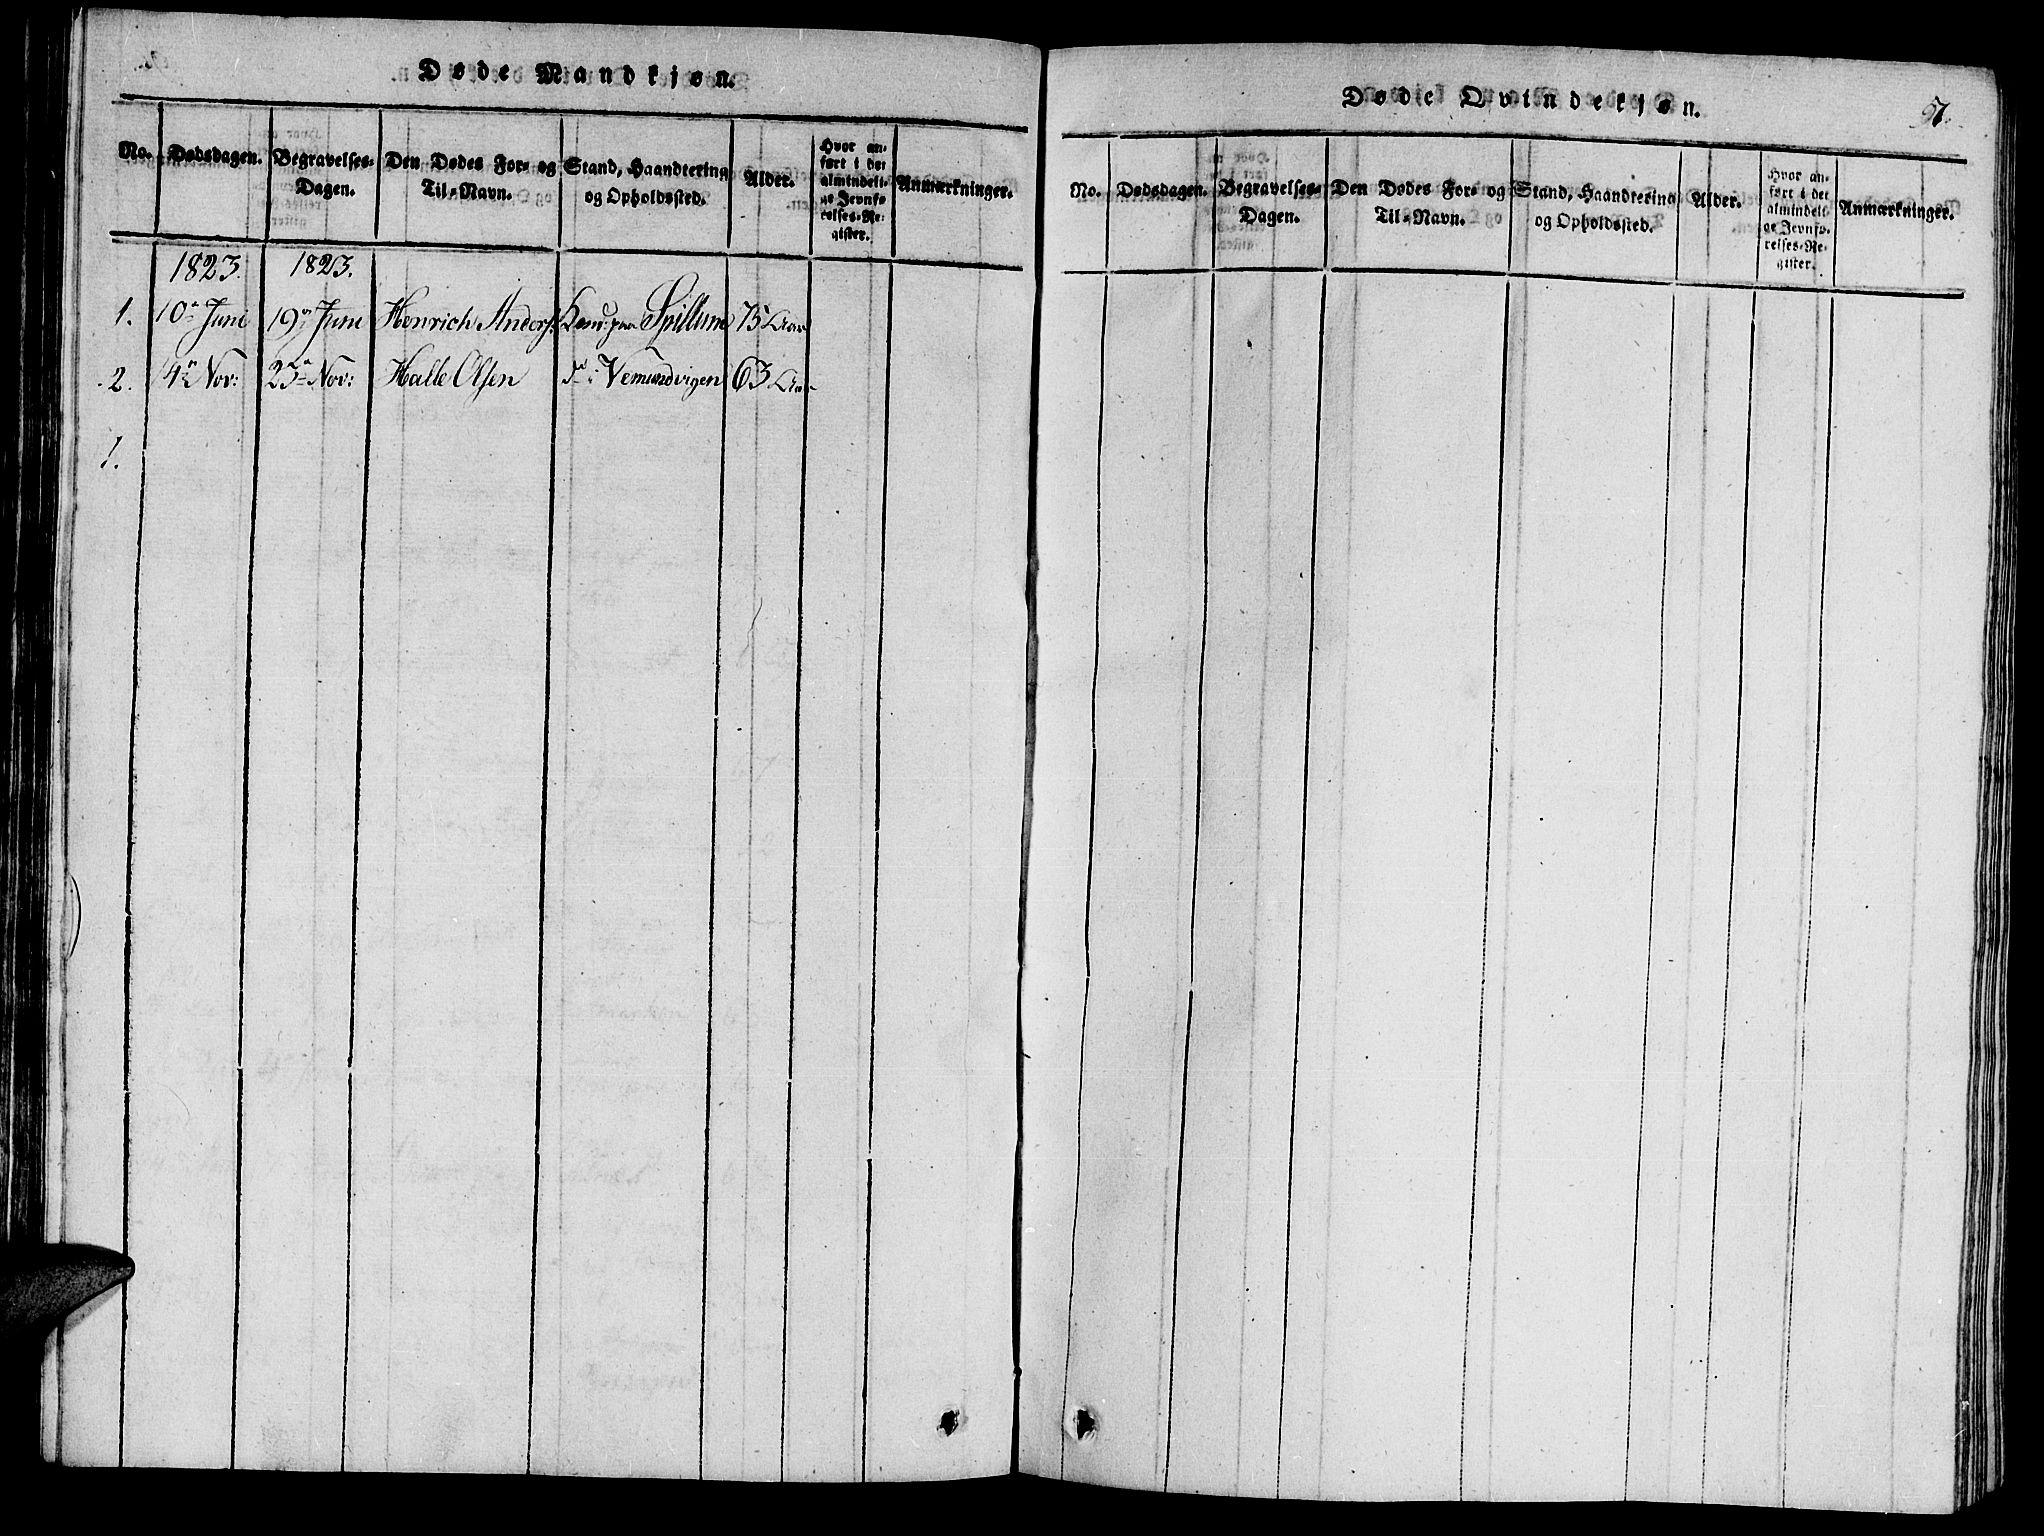 SAT, Ministerialprotokoller, klokkerbøker og fødselsregistre - Nord-Trøndelag, 770/L0588: Ministerialbok nr. 770A02, 1819-1823, s. 97